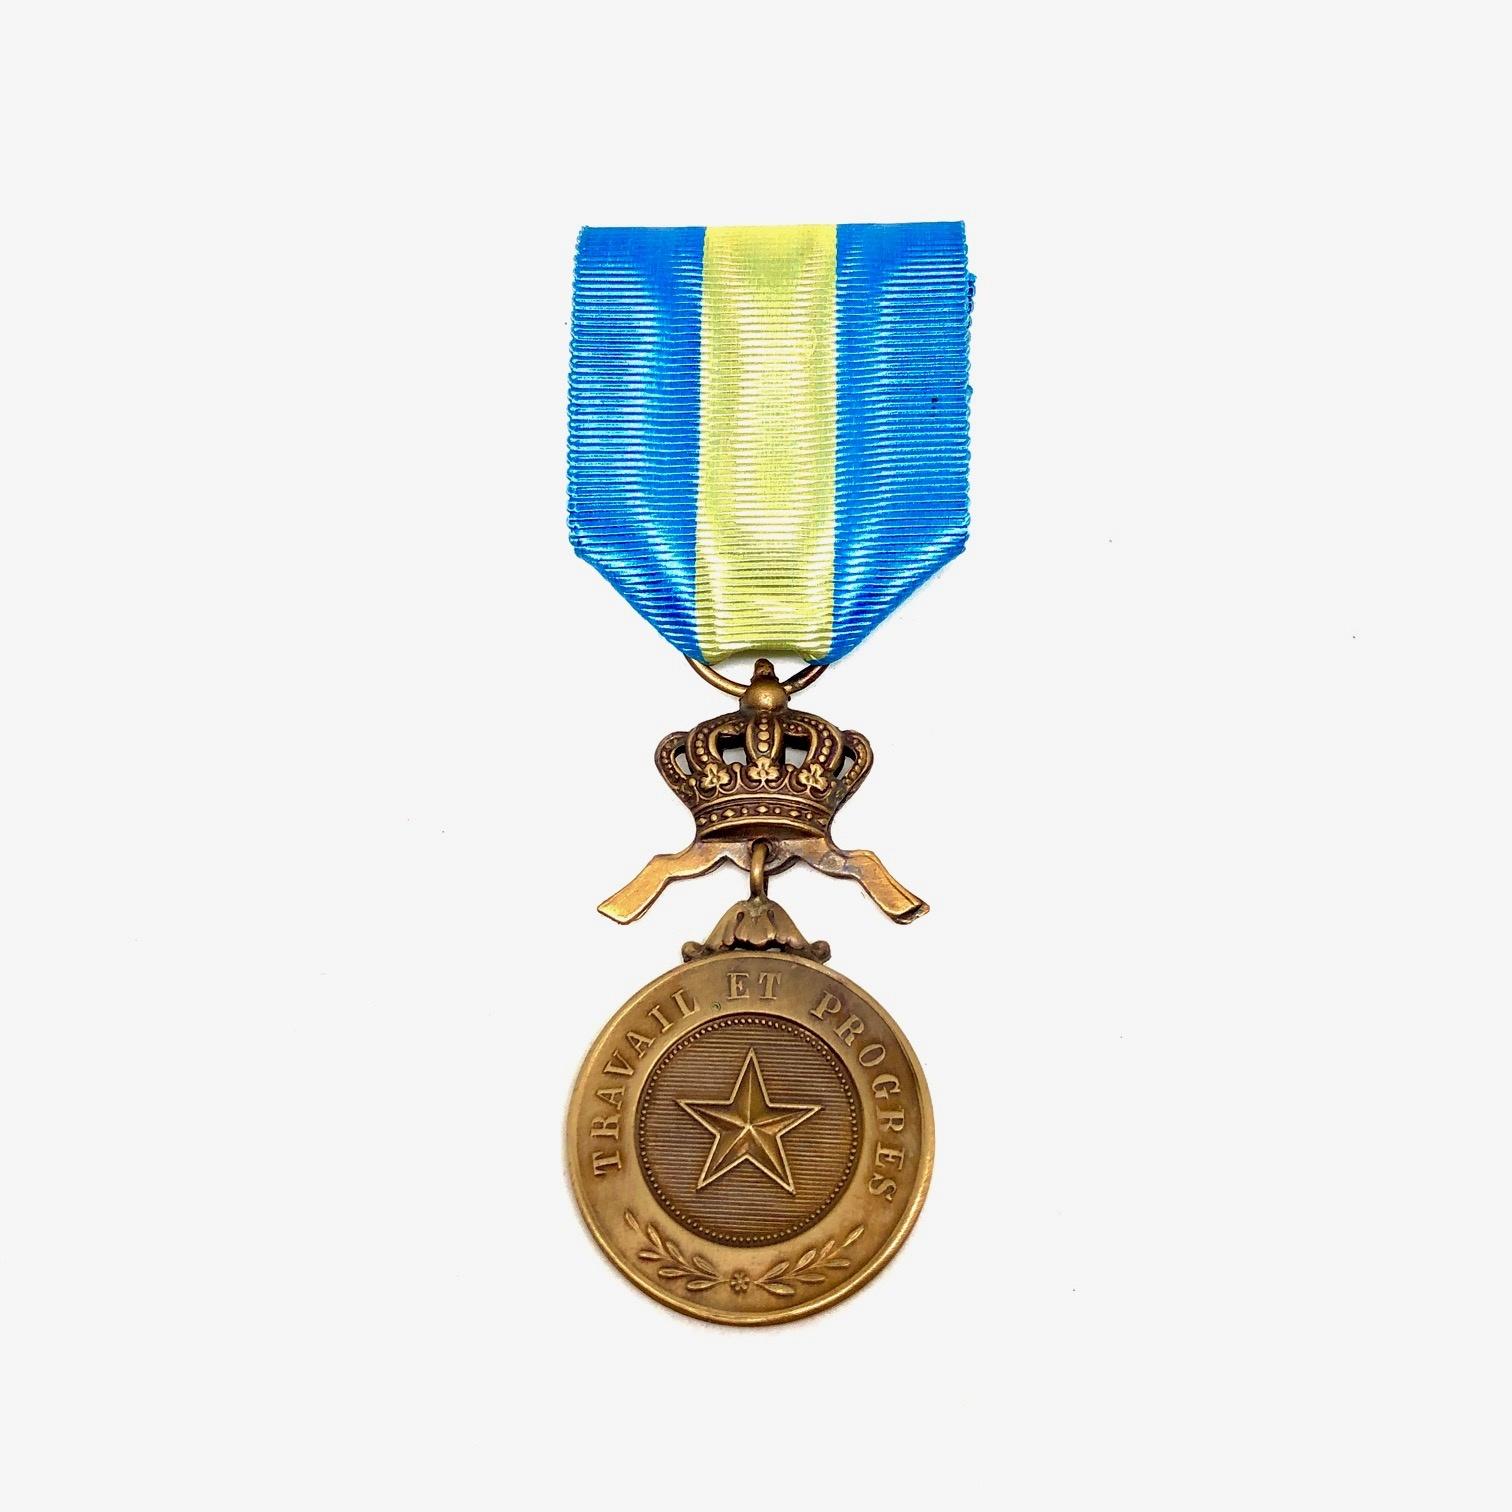 Bronzen Medaille in de Orde van de Afrikaanse Ster